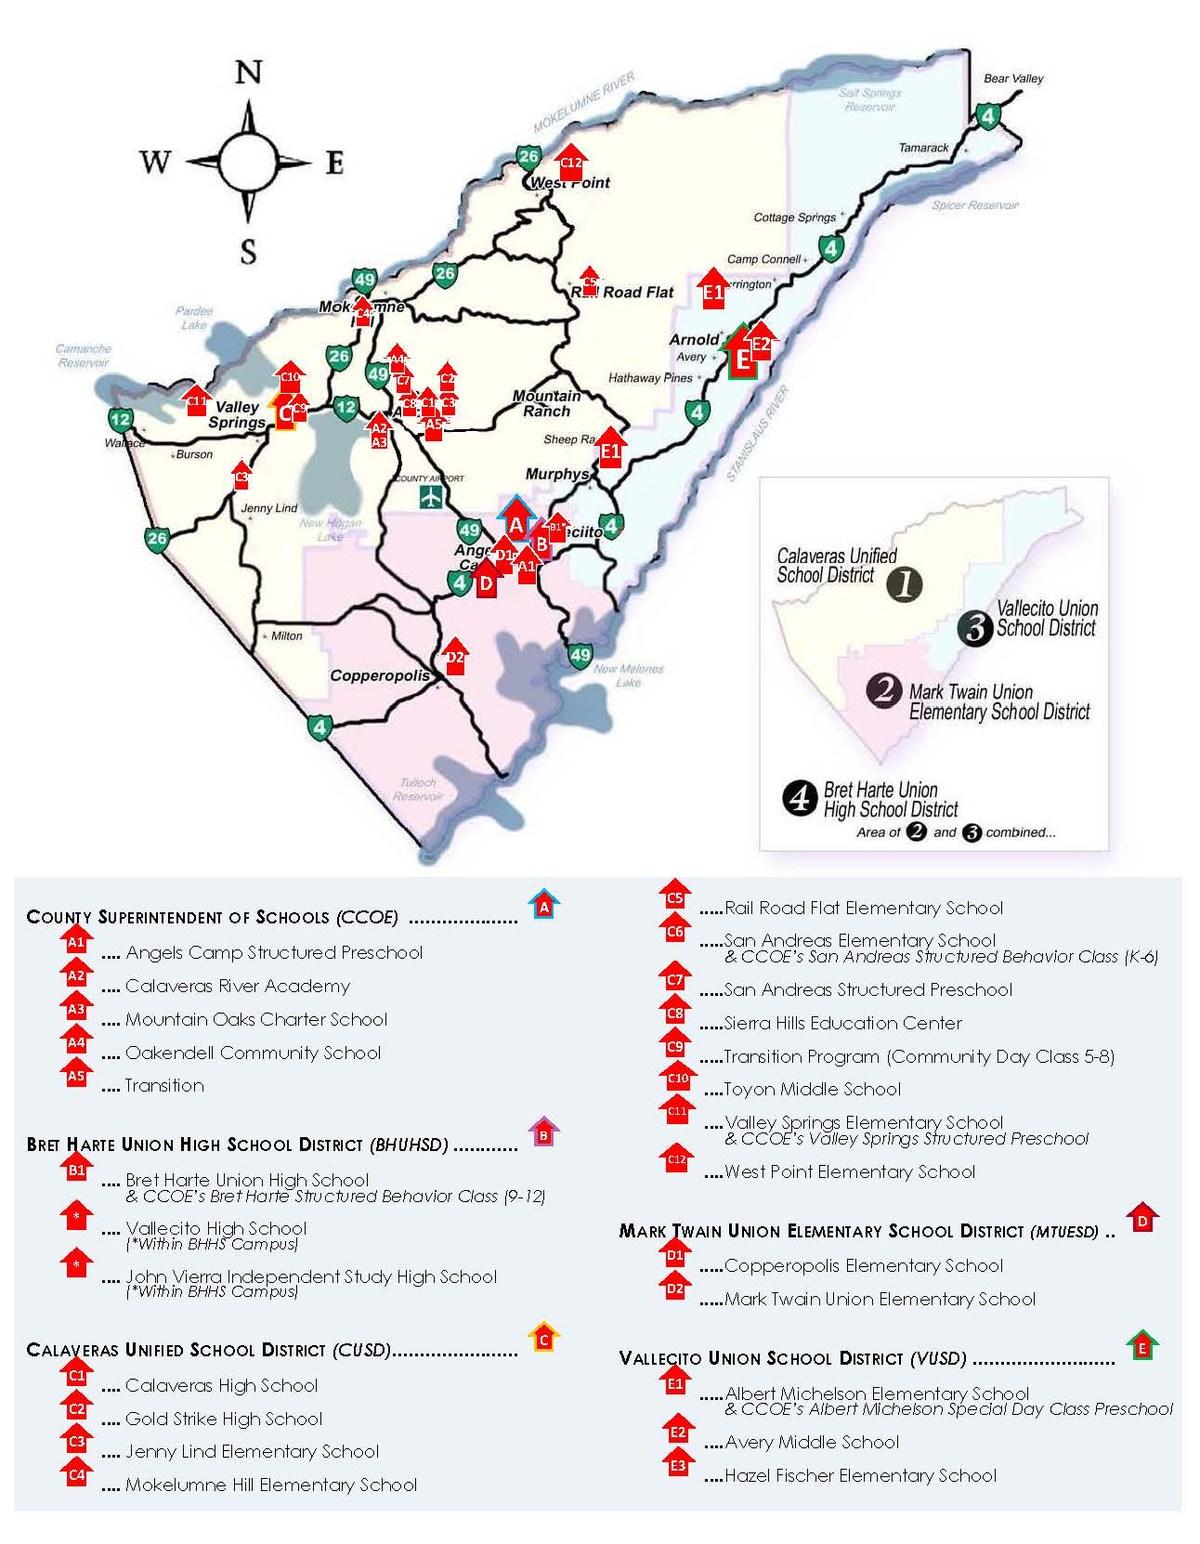 Map of Calaveras County School Locations